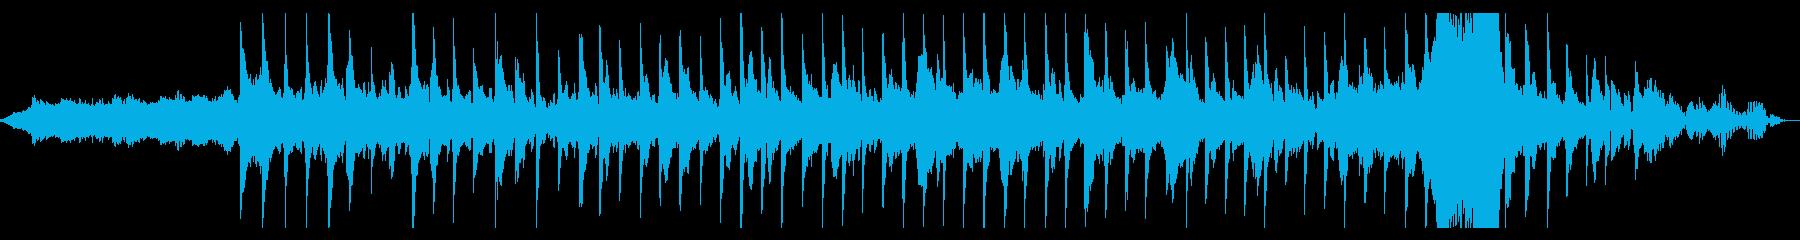 幻想的ギターエレクトロニカアンビエントの再生済みの波形